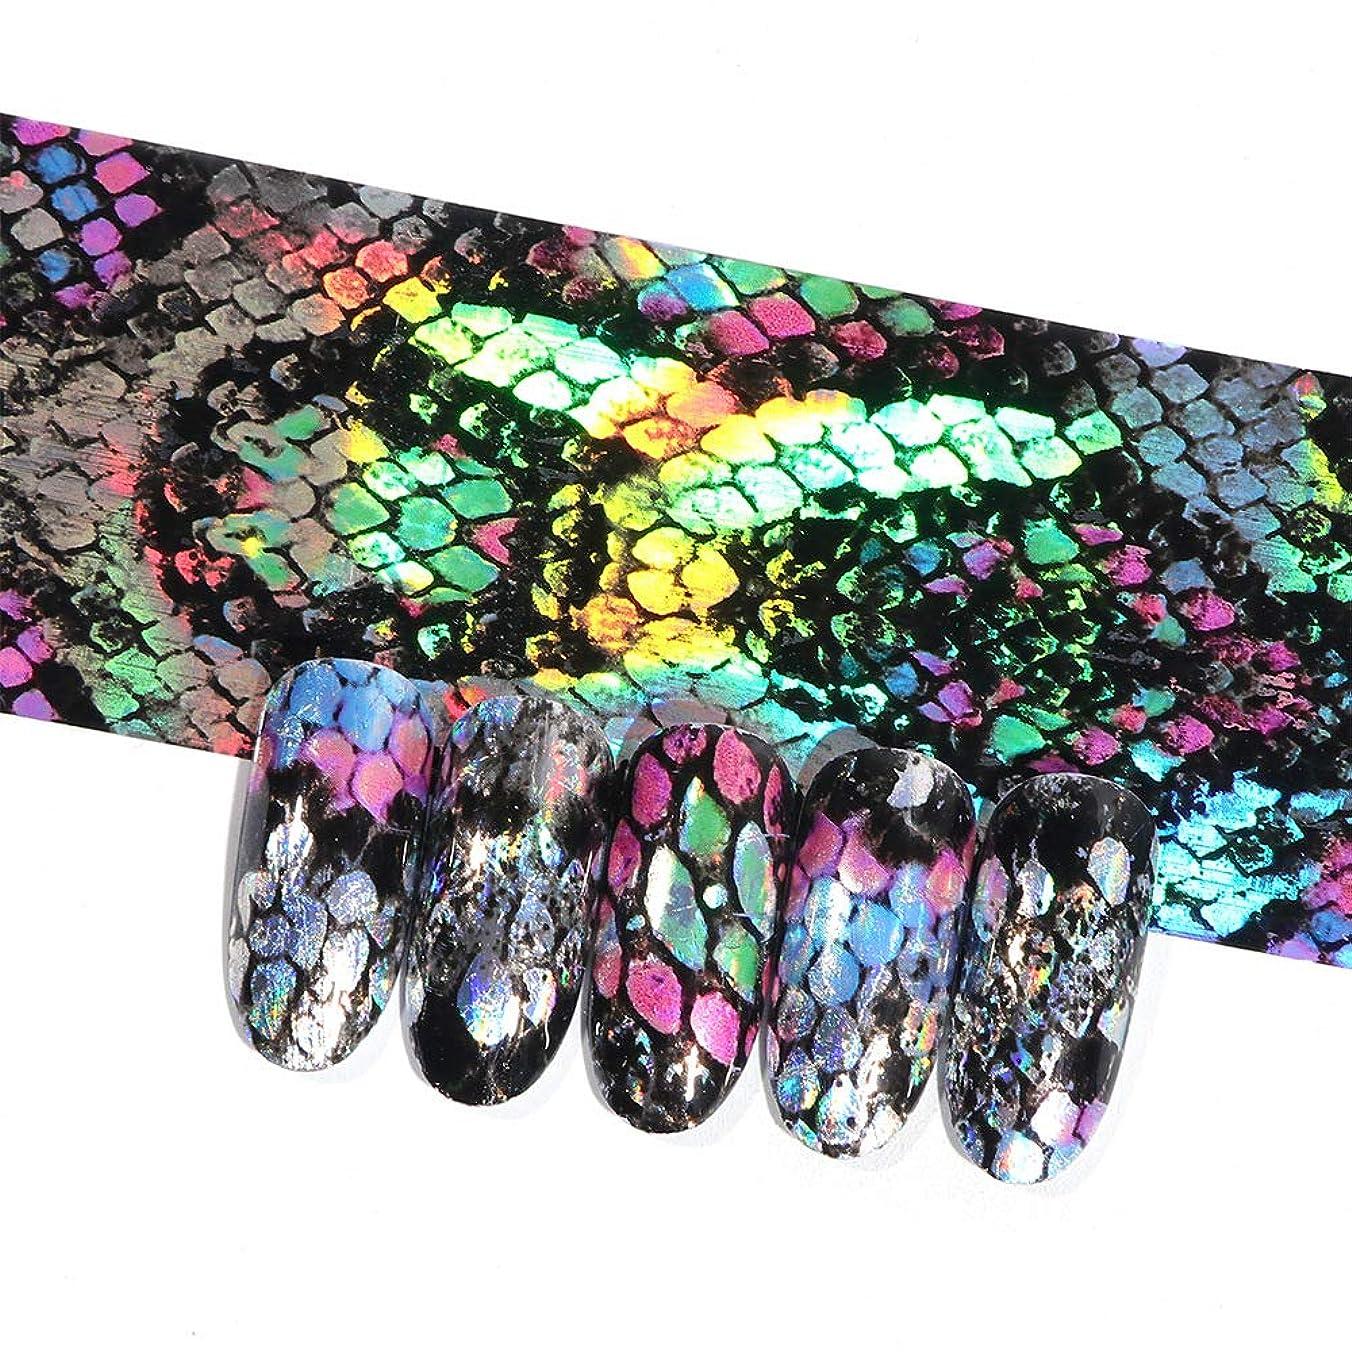 発動機イブストラトフォードオンエイボン16ピースホログラフィック蛇行ネイル転写箔ステッカーヘビレーザーミックス色粘着ネイルアートフルラップ装飾